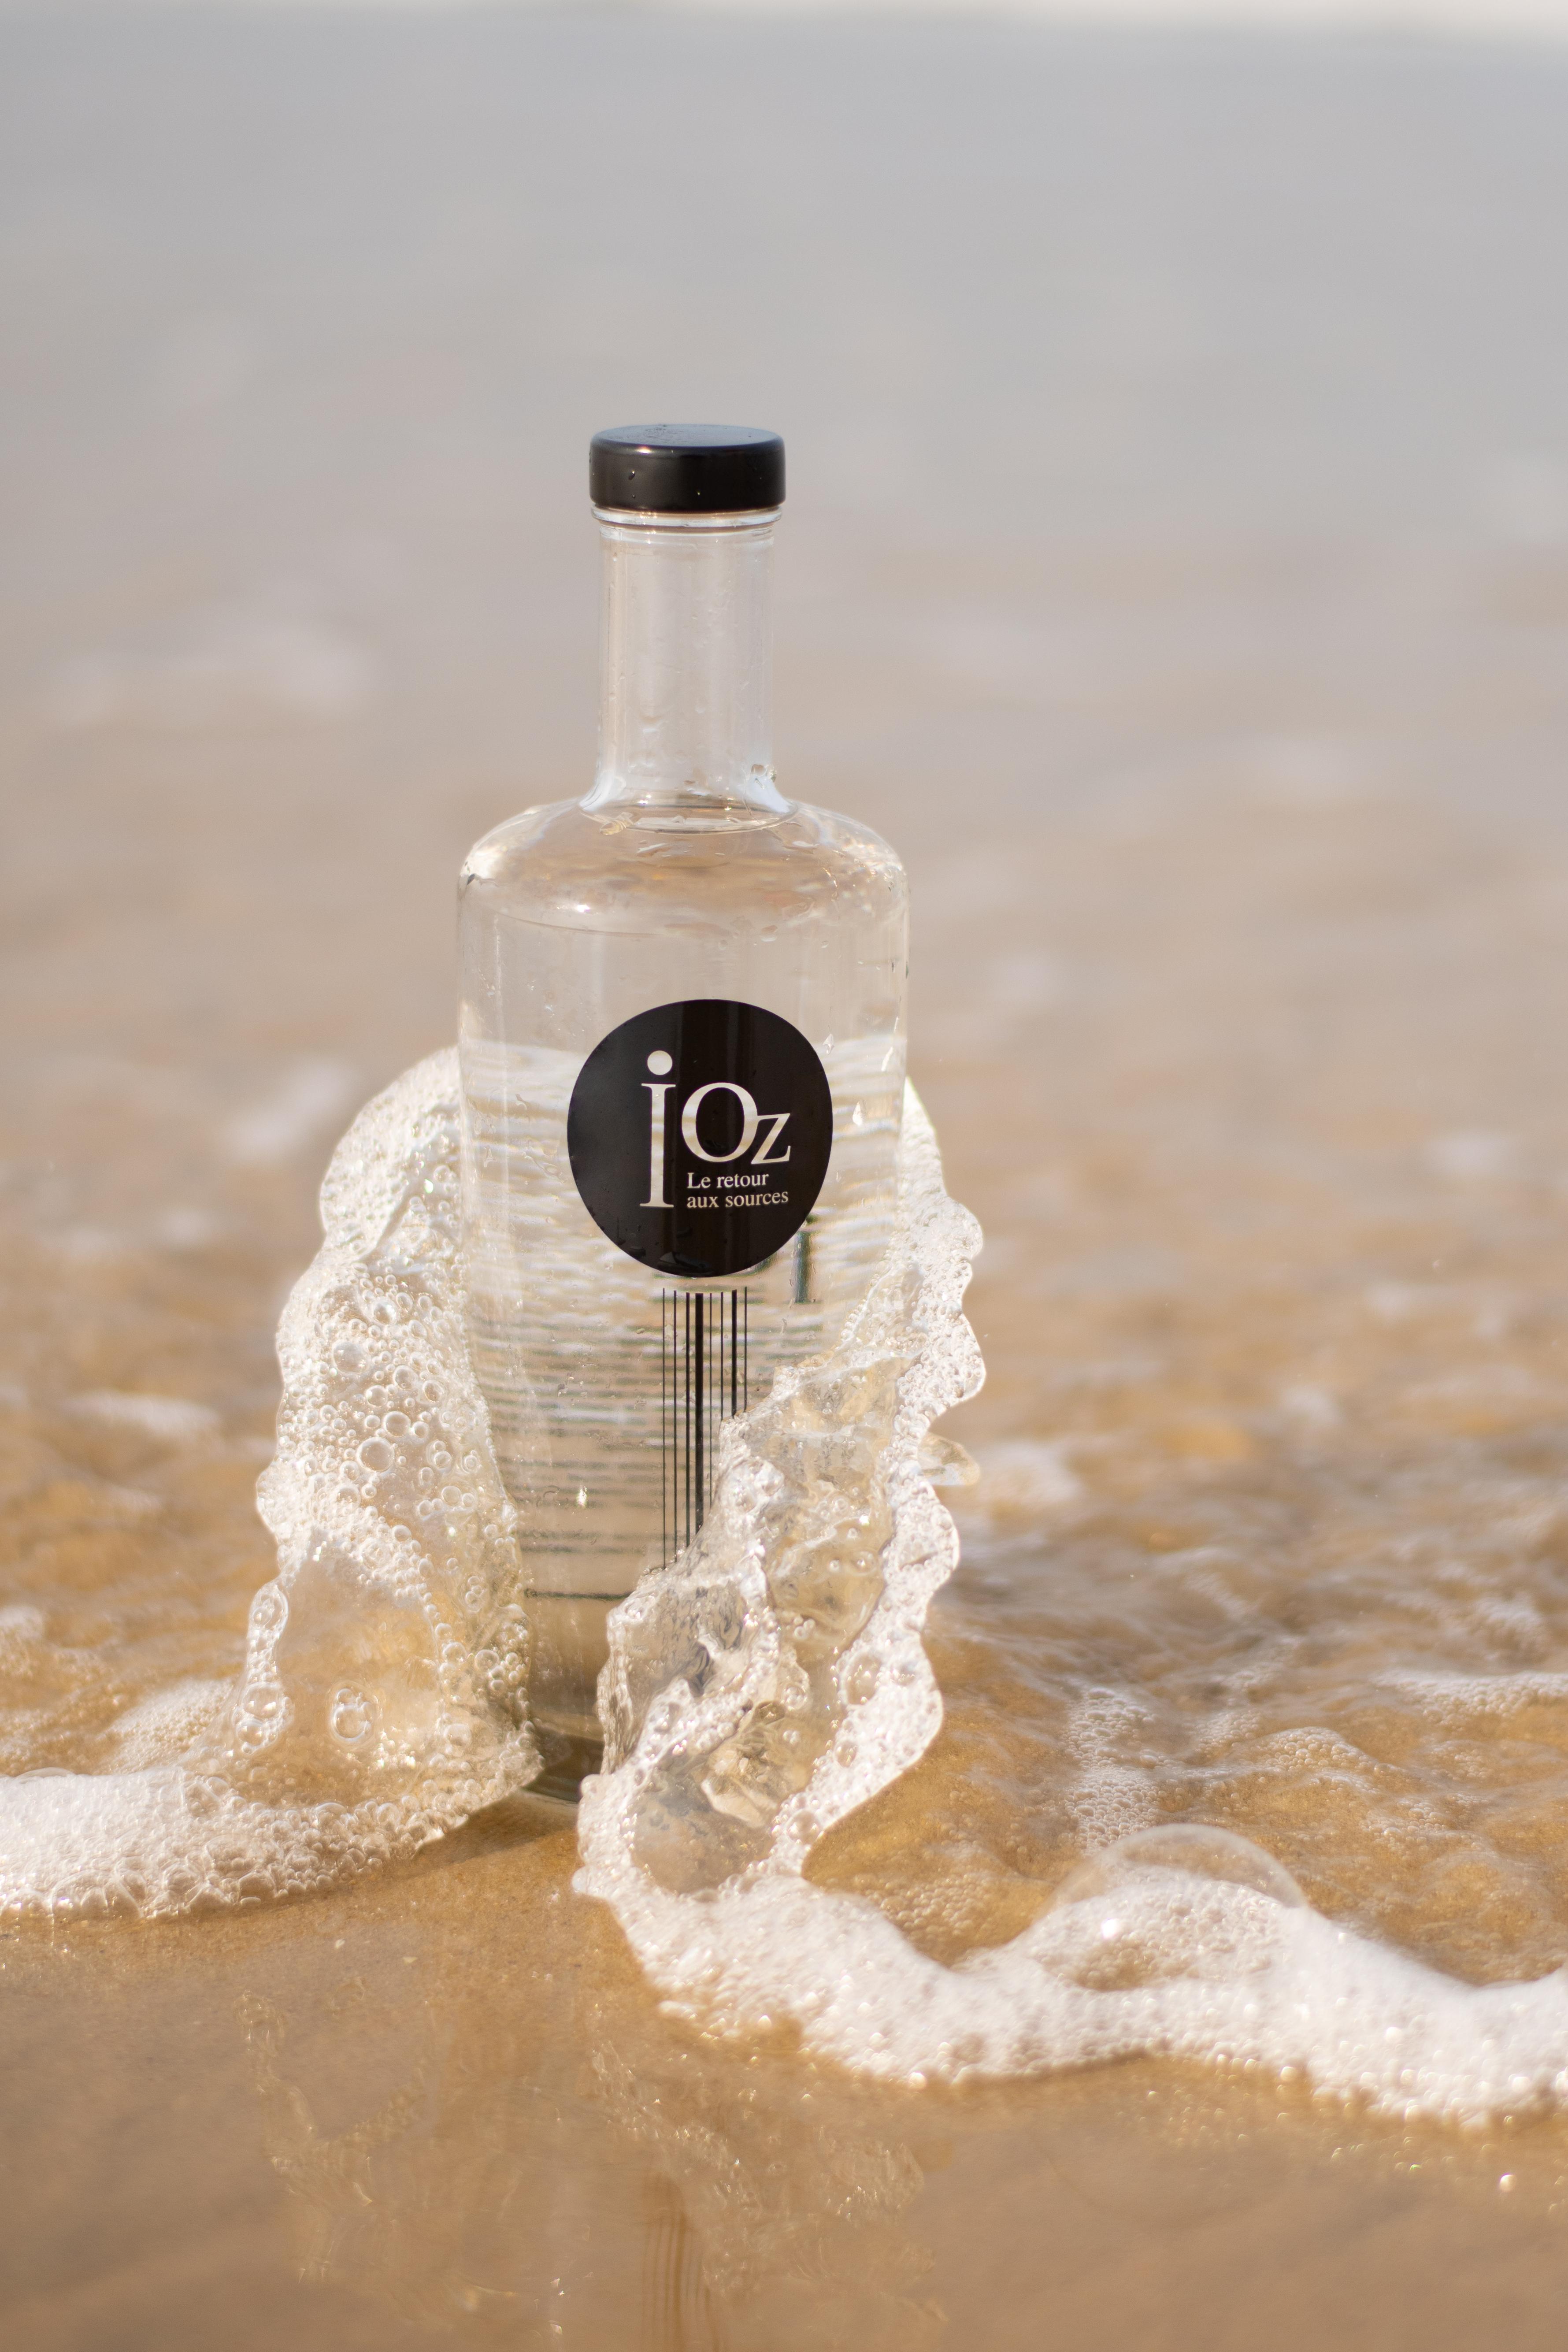 picto bouteille iOz sur la plage